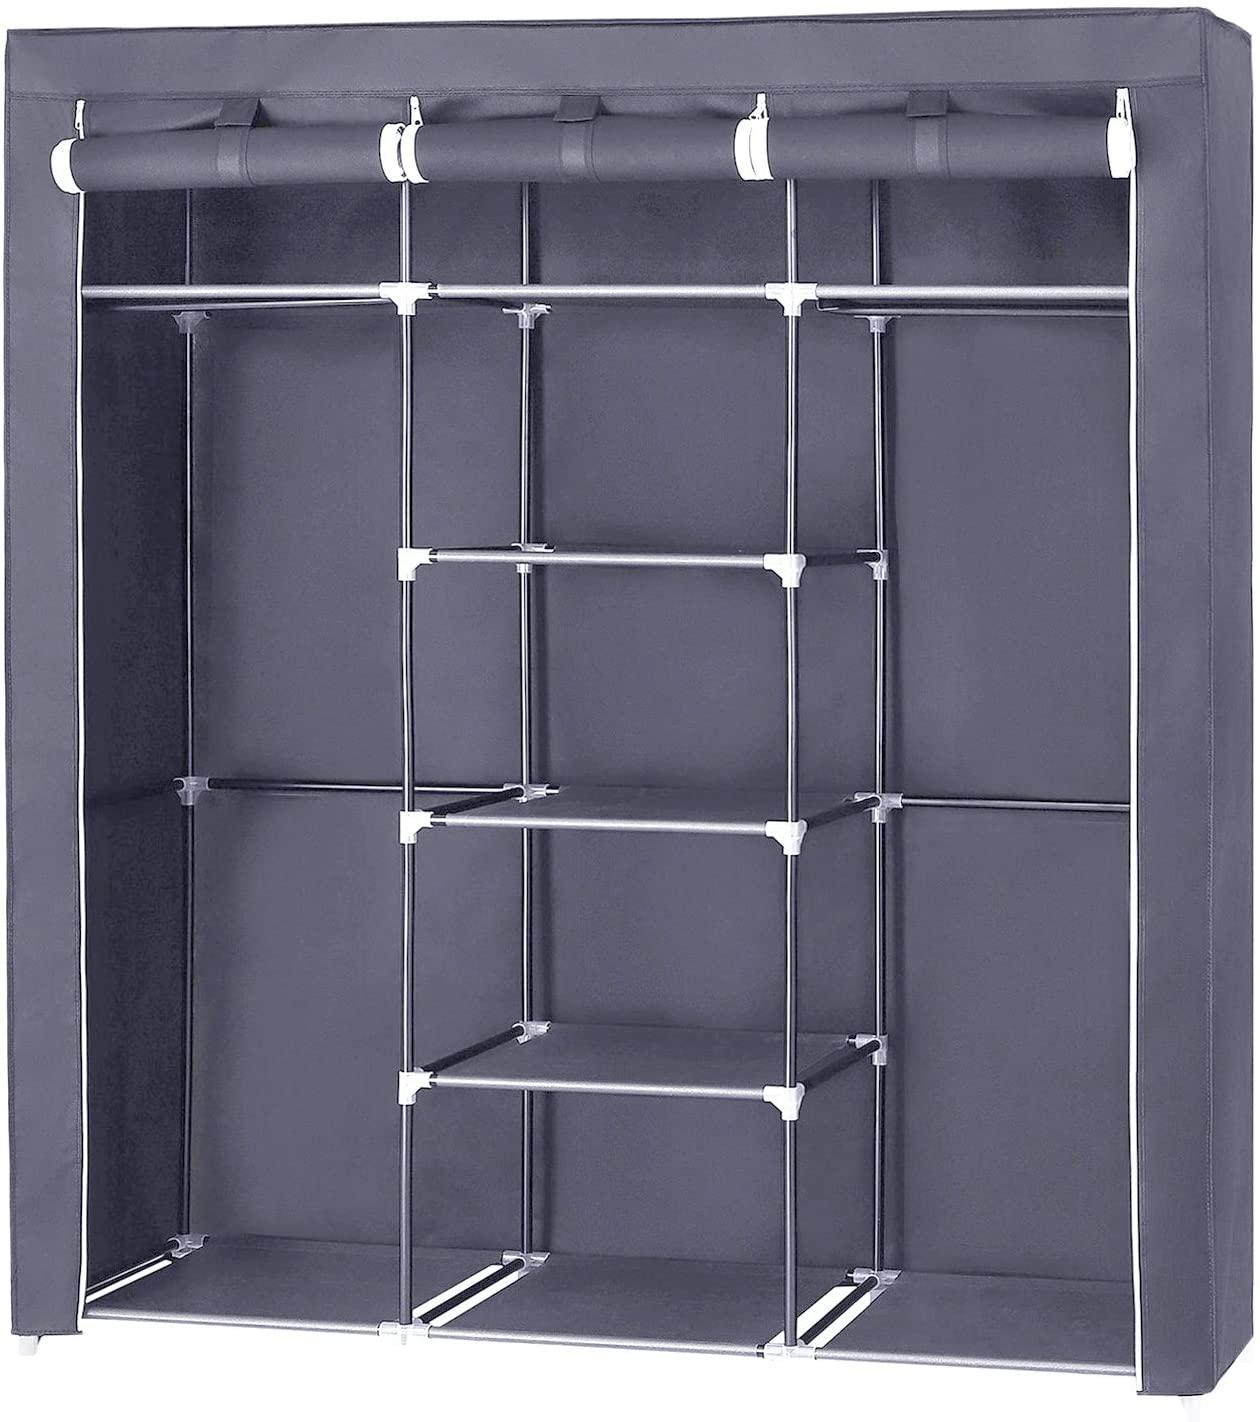 Rongomic Textilní šatní skříň SEAN šedá